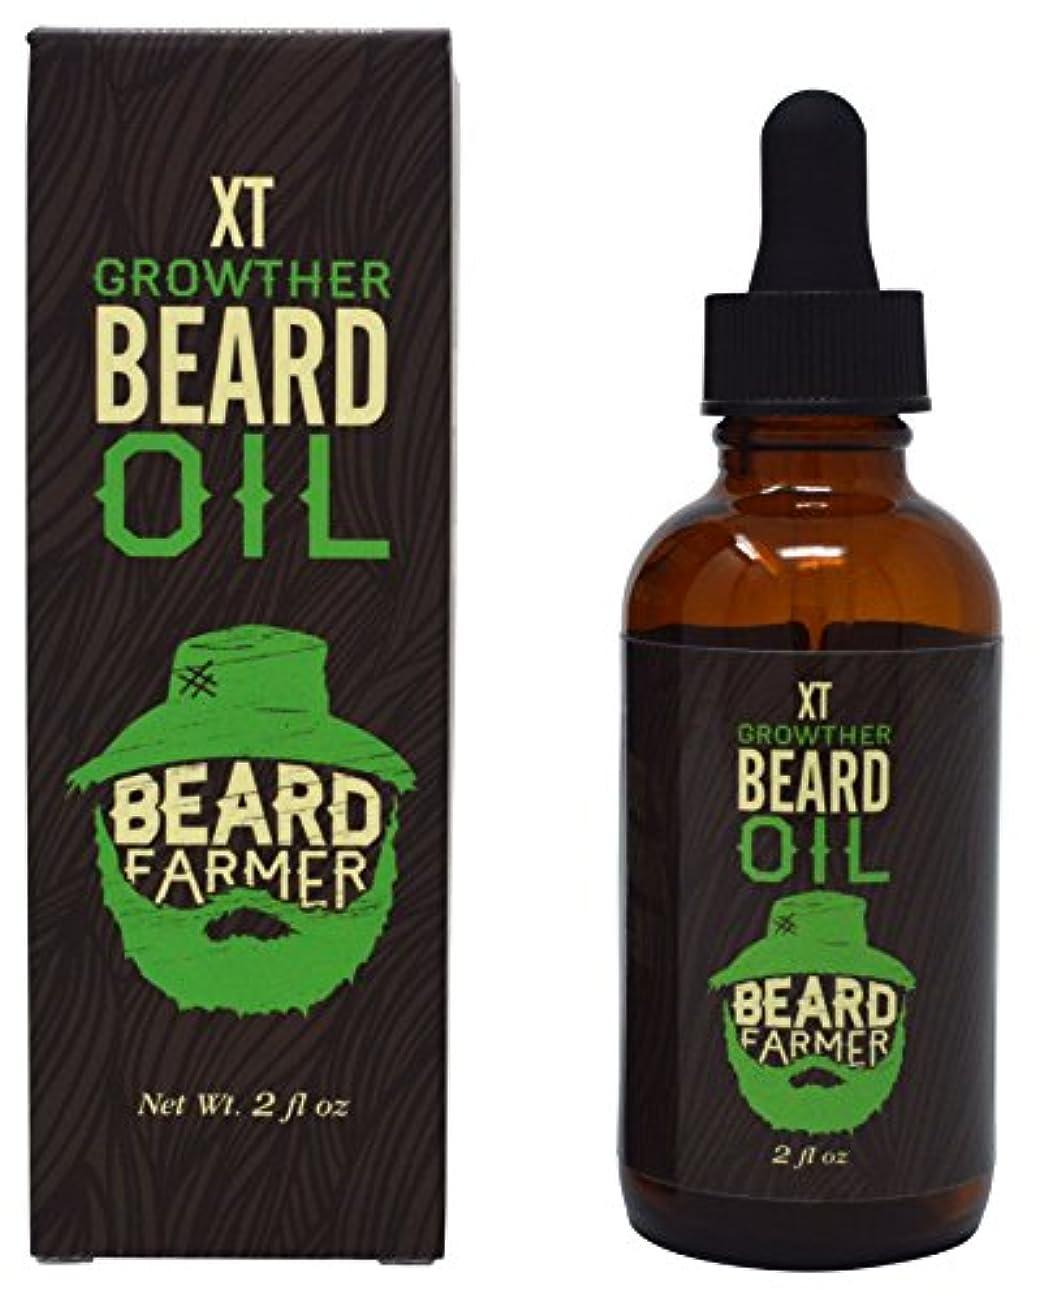 管理者怠けたホイッスルBeard Farmer - Growther XT Beard Oil (Extra Fast Beard Growth) All Natural Beard Growth Oil 2floz